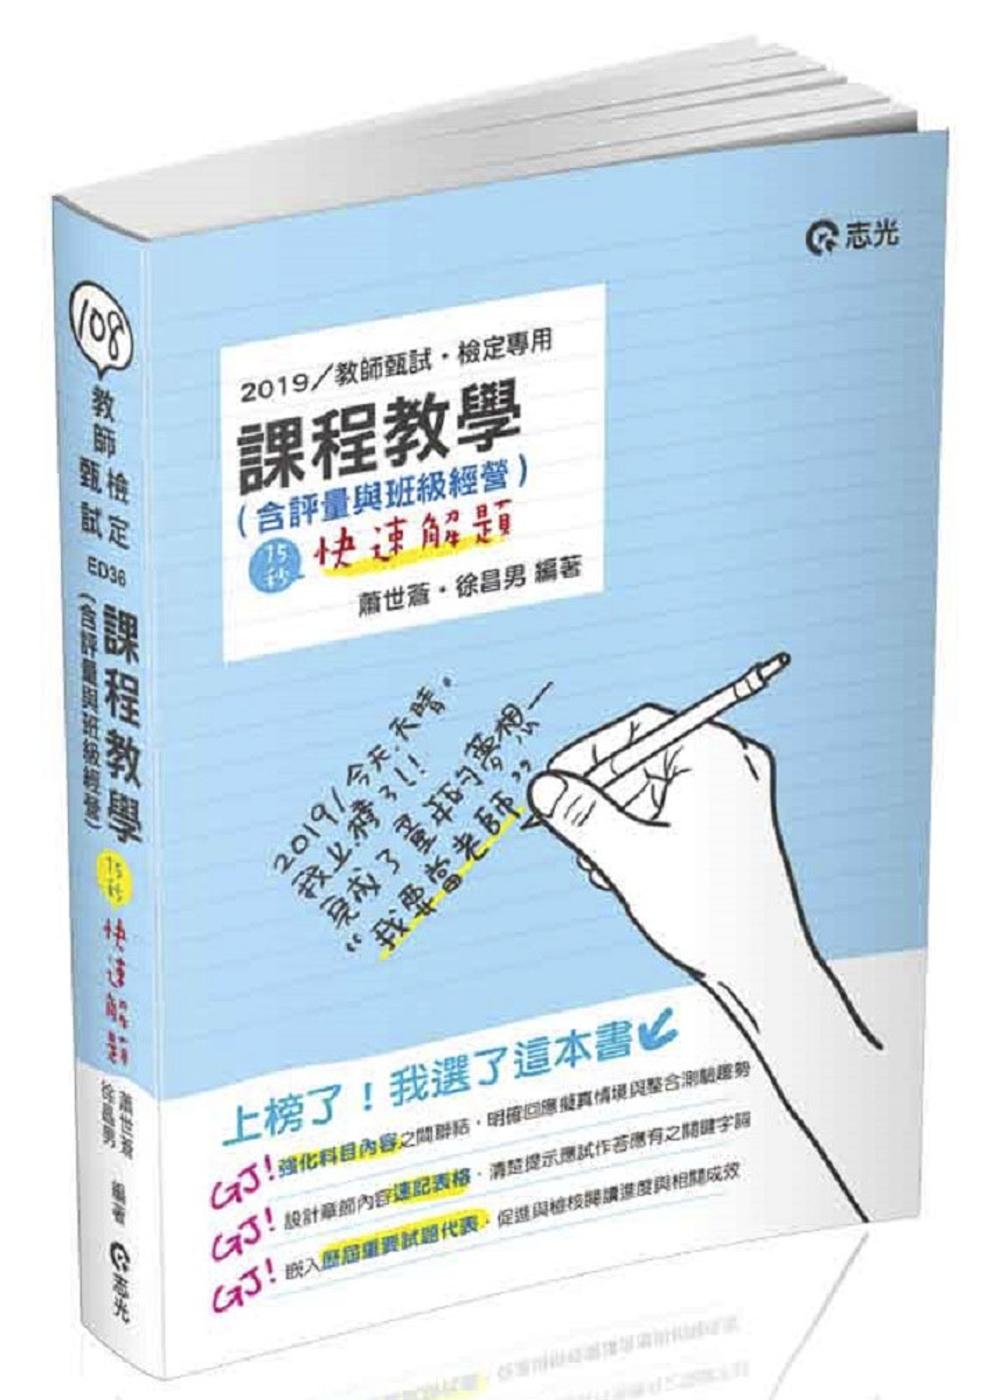 課程教學(含評量與班級經營):...